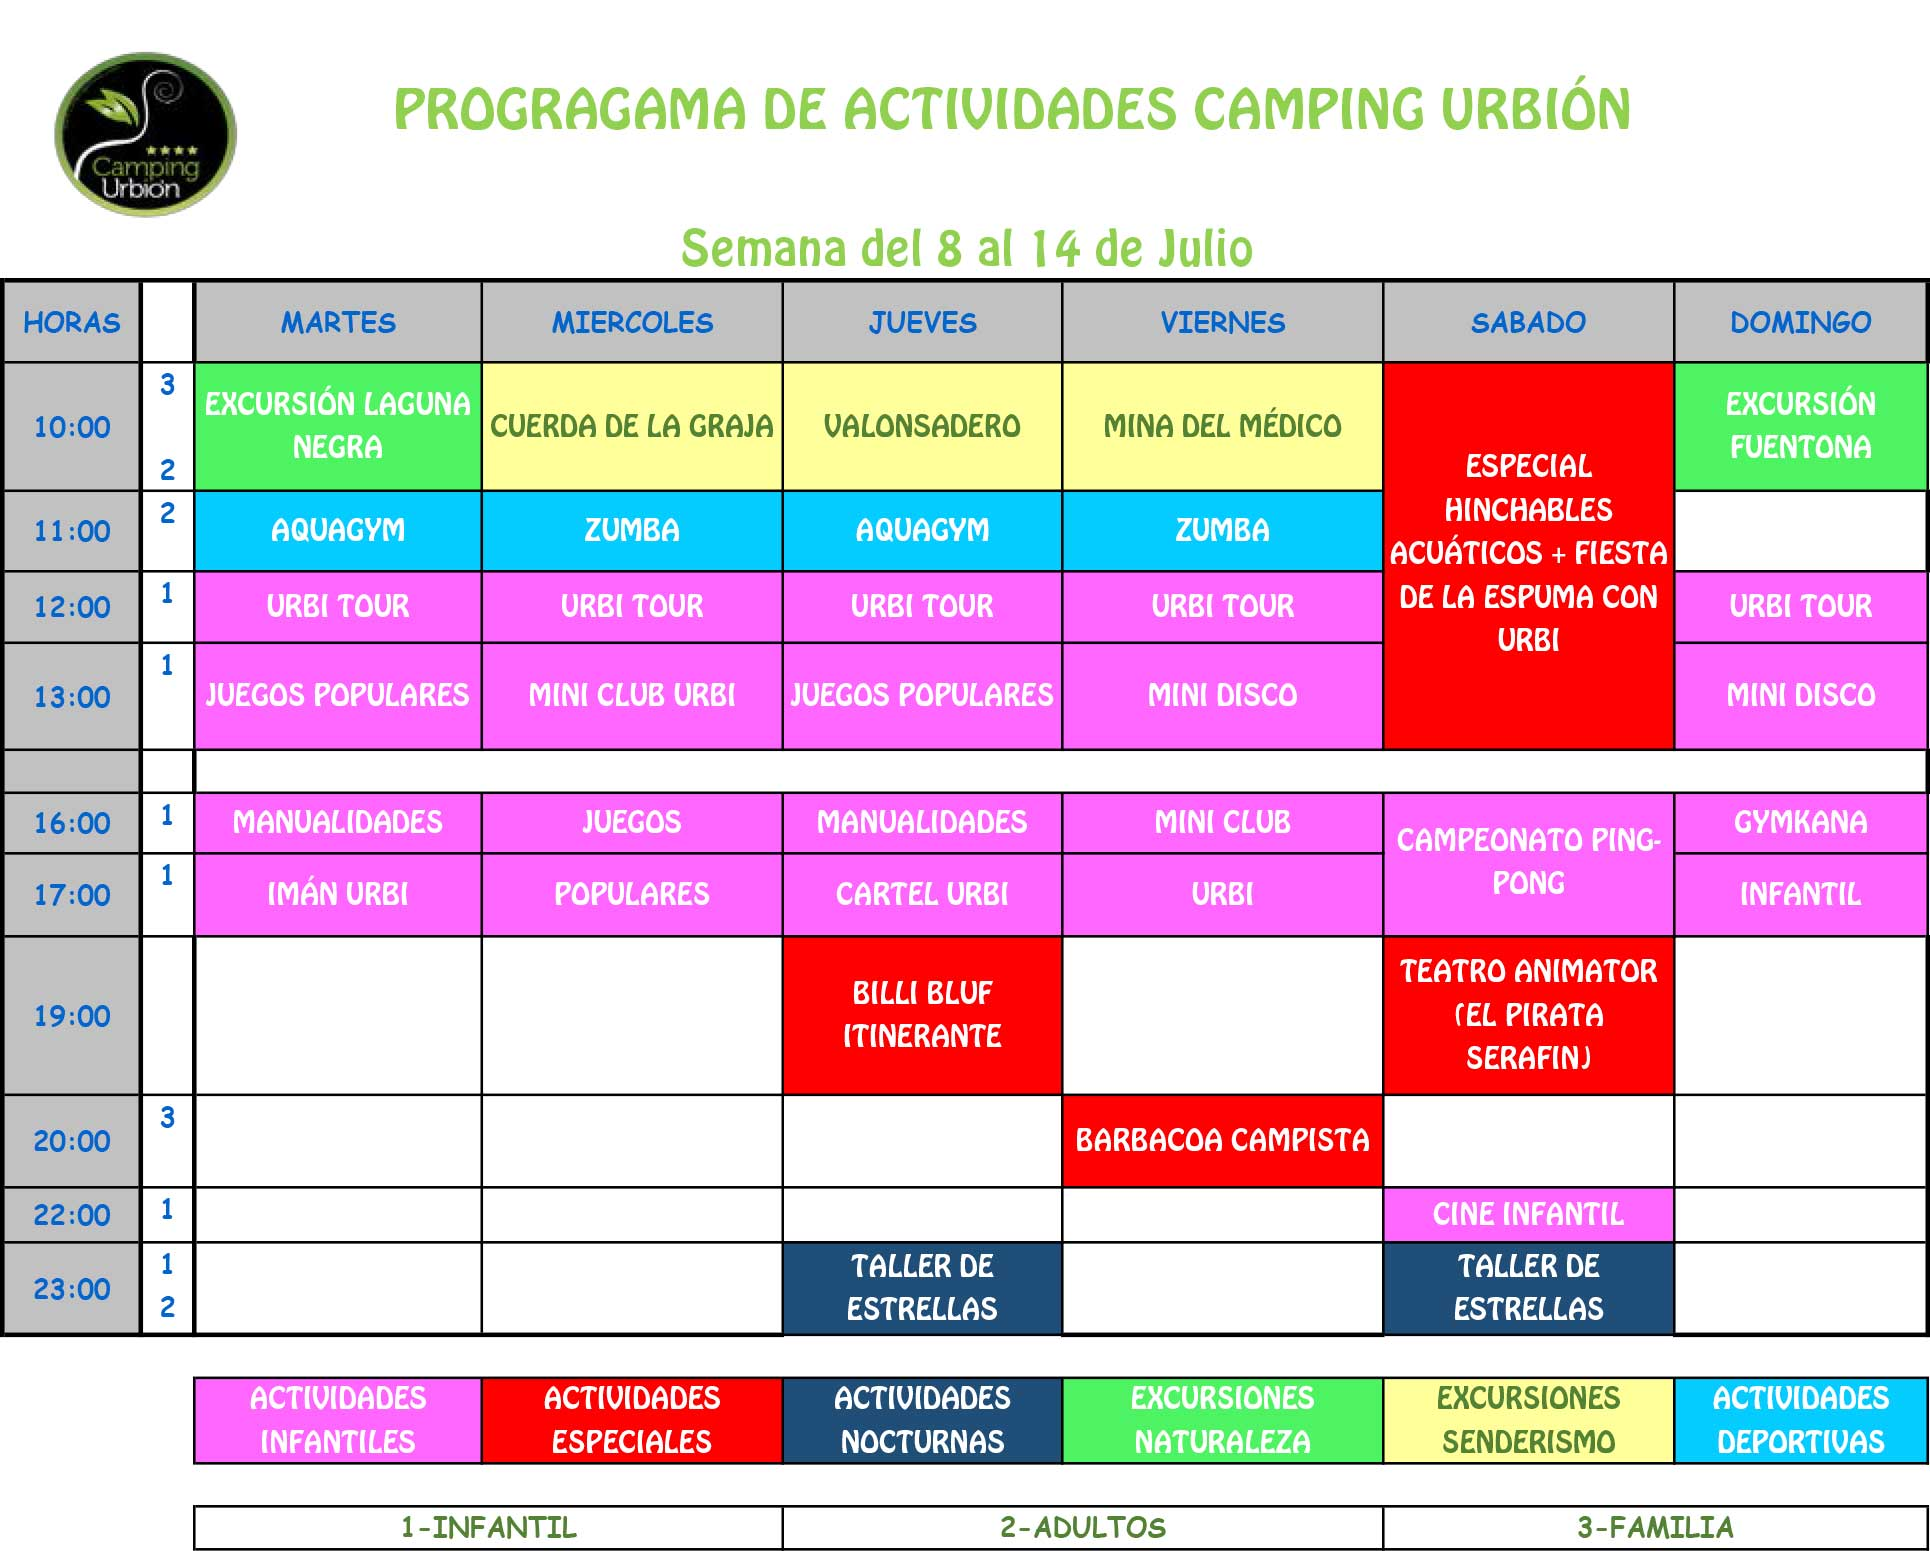 PROGRAMA-ACTIVIDADES-CAMPING-URBION